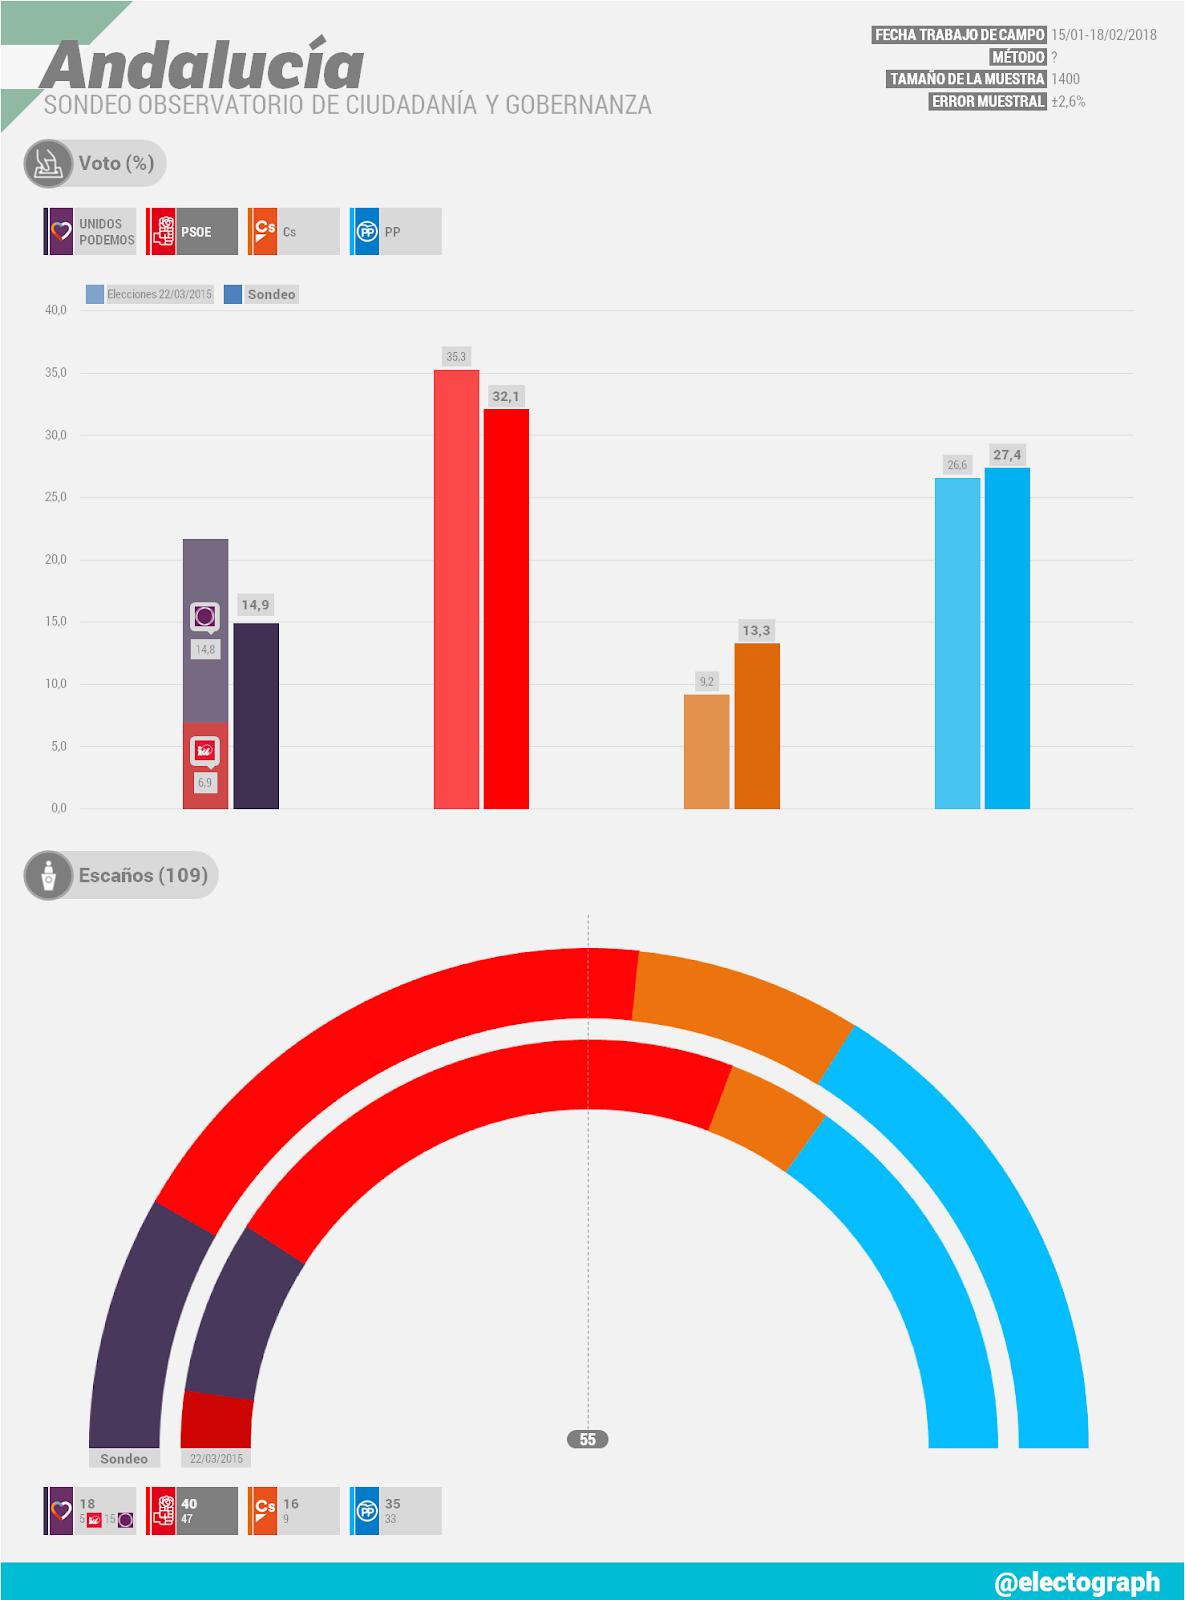 Gráfico de la encuesta para elecciones autonómicas en Andalucía realizada por el Observatorio de Ciudadanía y Gobernanza en febrero de 2018